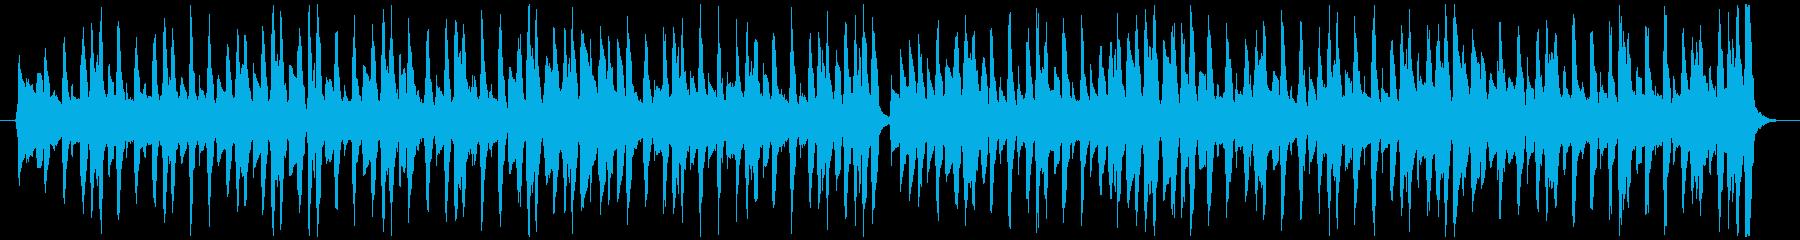 Guitarmonicaは、エレク...の再生済みの波形